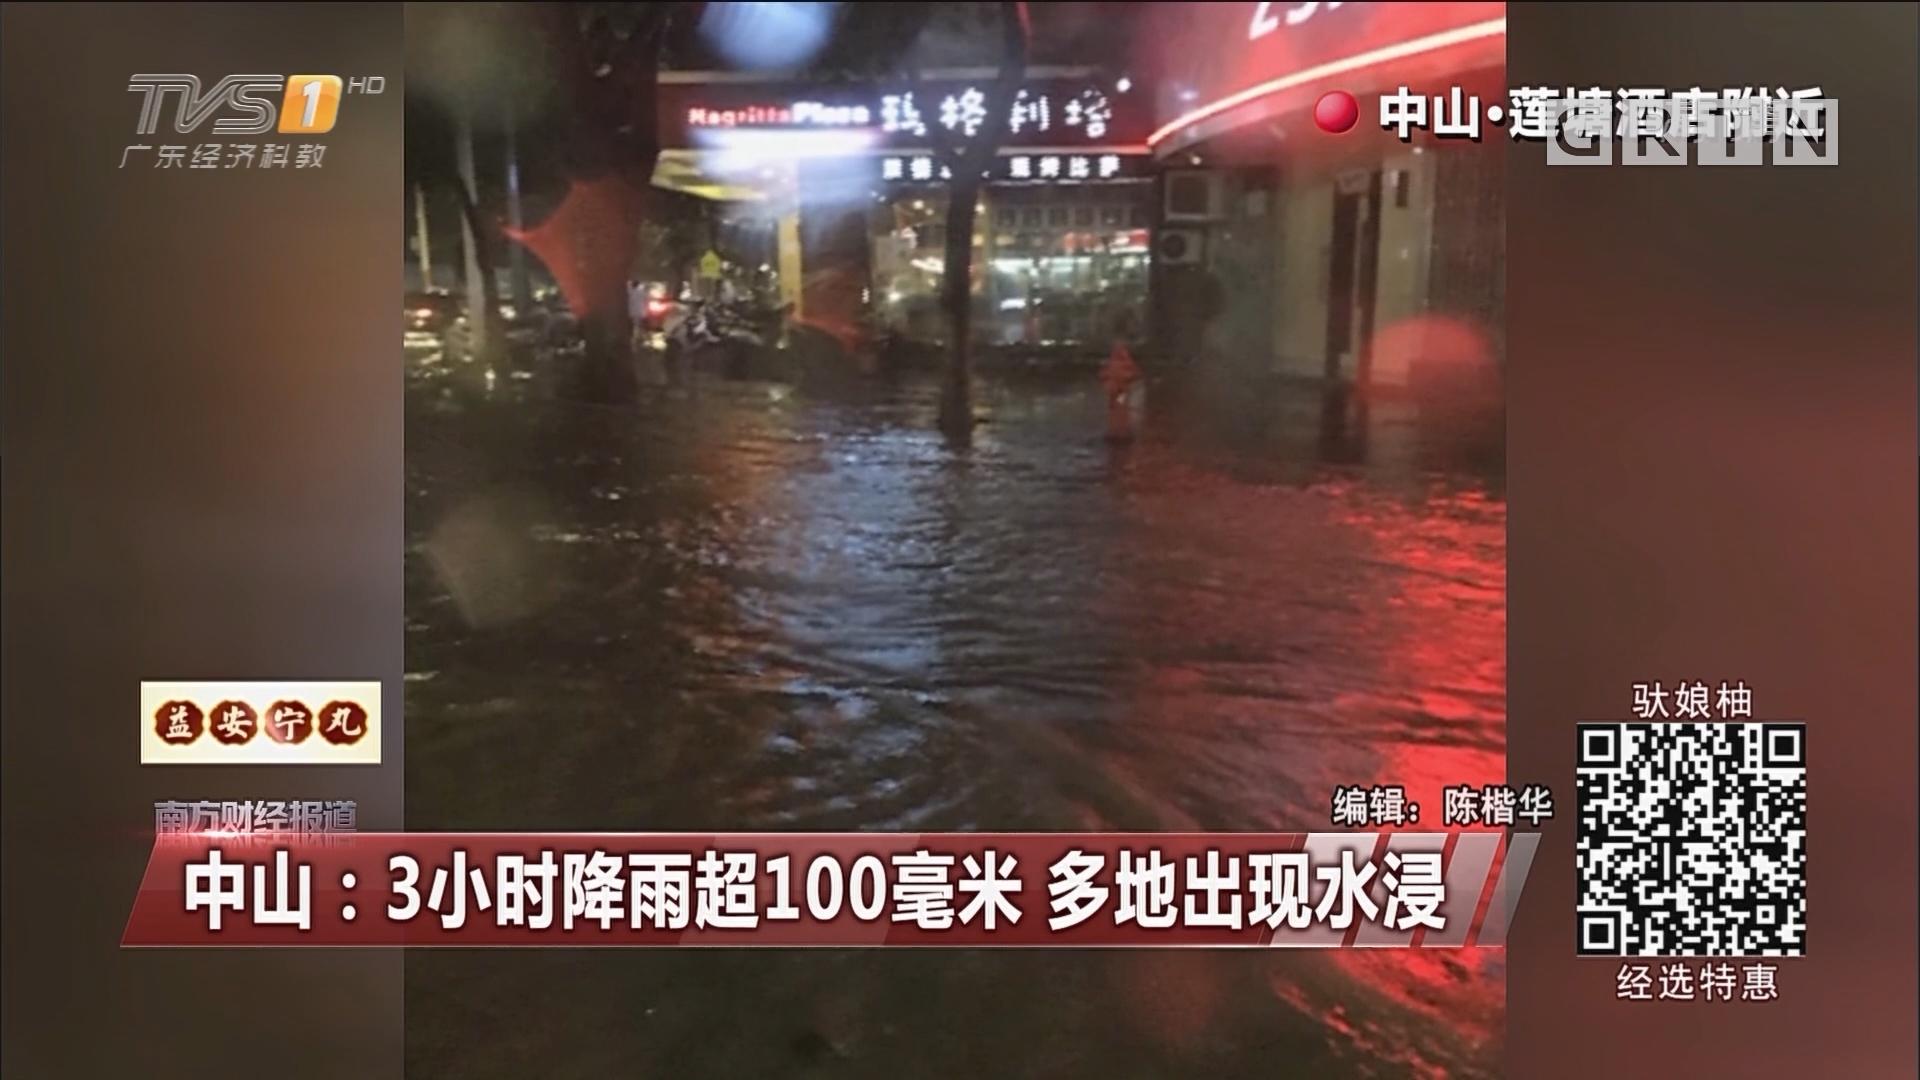 中山:3小时降雨超100毫米 多地出现水浸